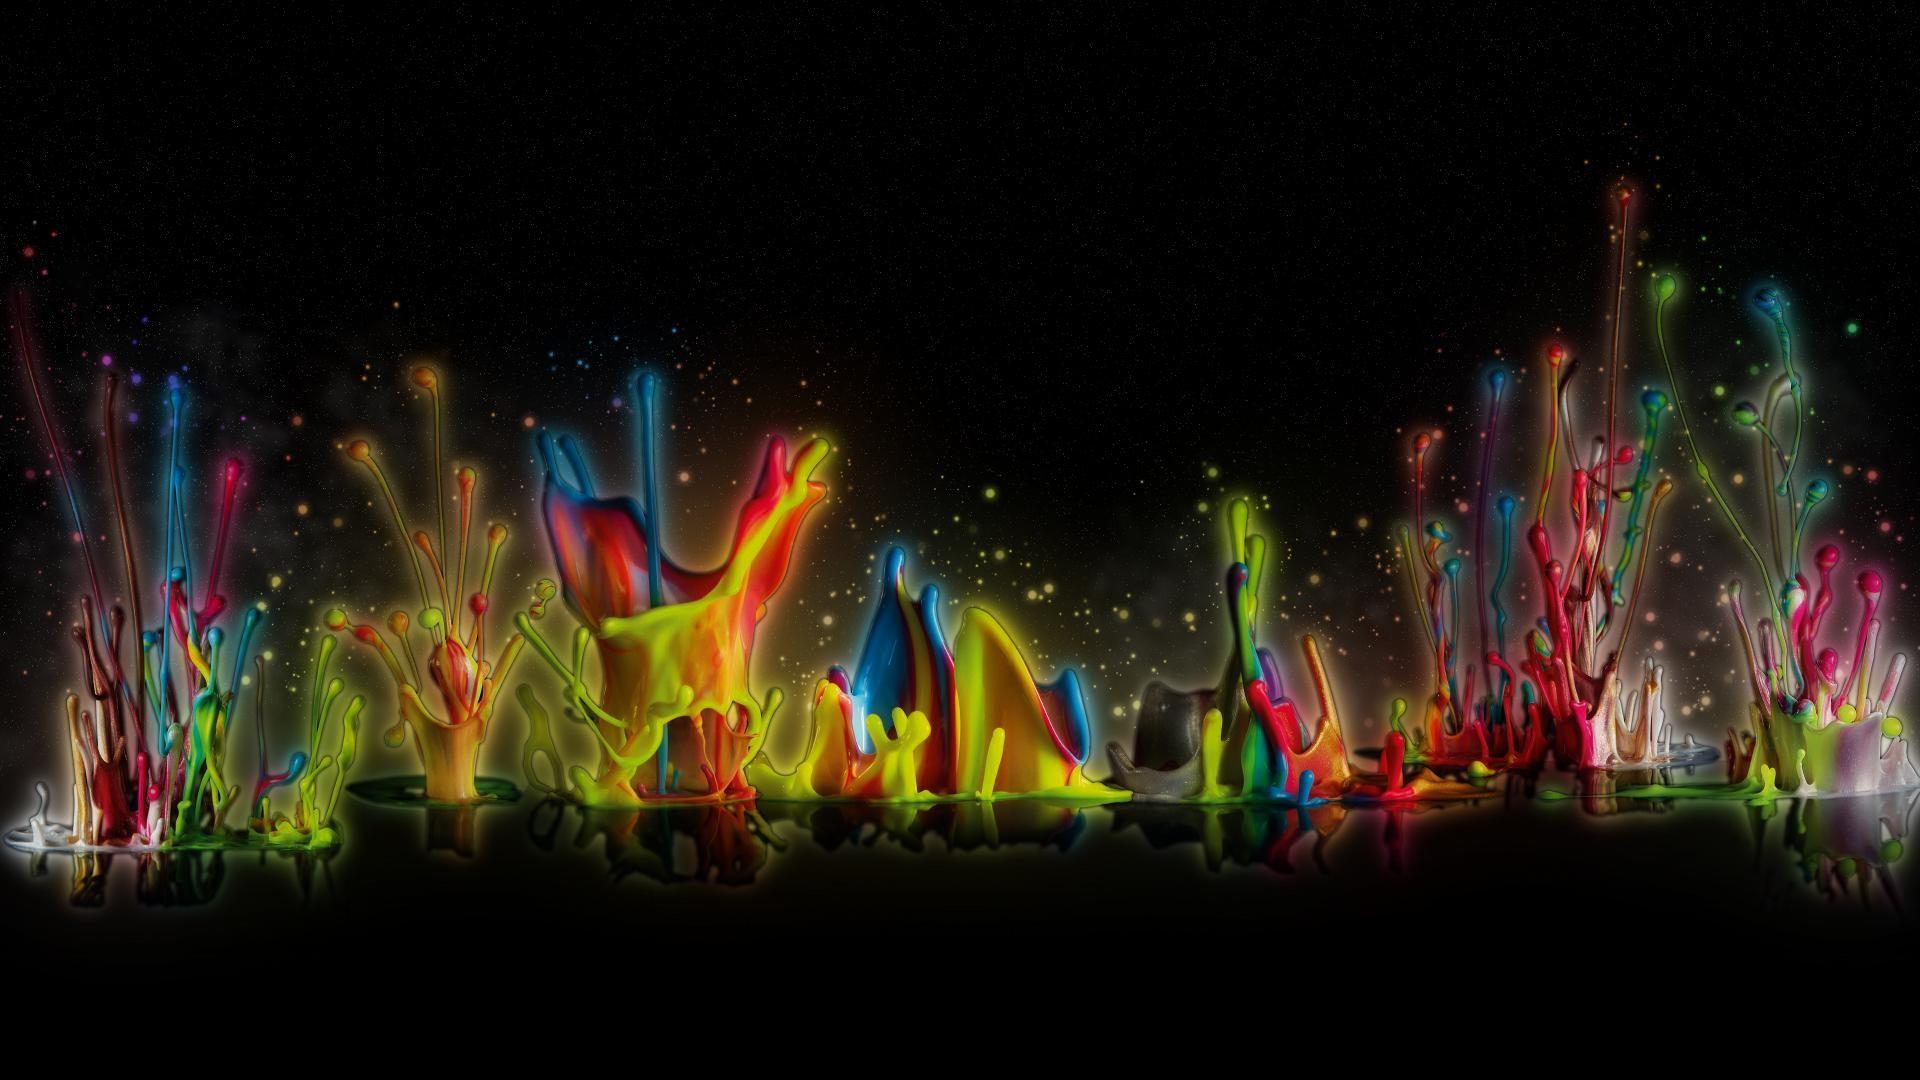 Color splash wallpaper hd 77 images - World of color wallpaper ...